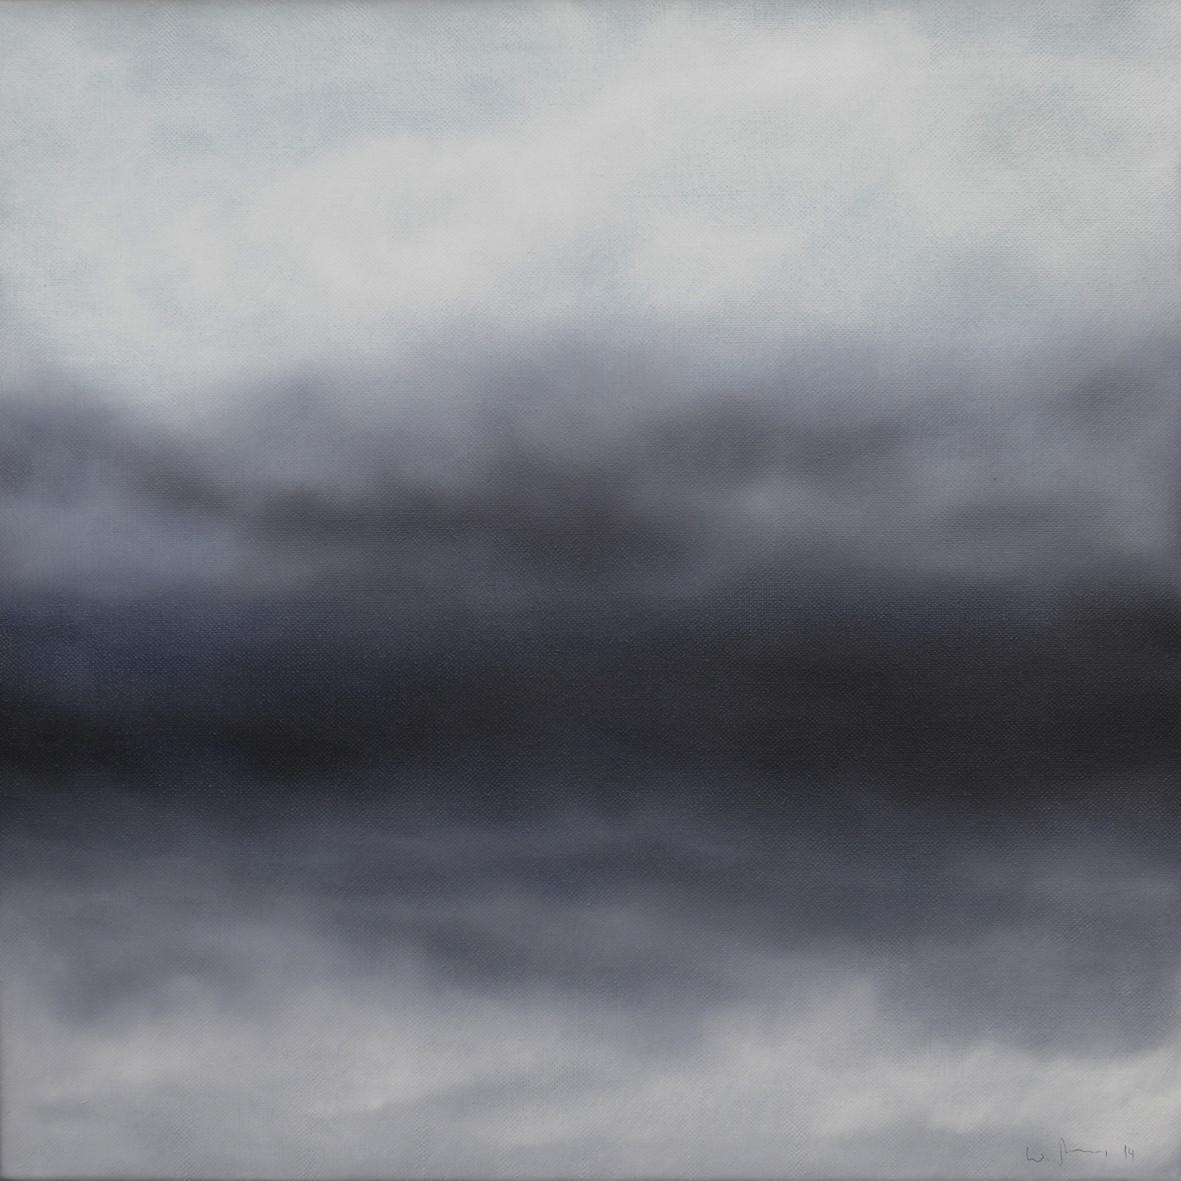 KOMPOSITION 1, 2014, Öl/Lwd., 50 x 50cm